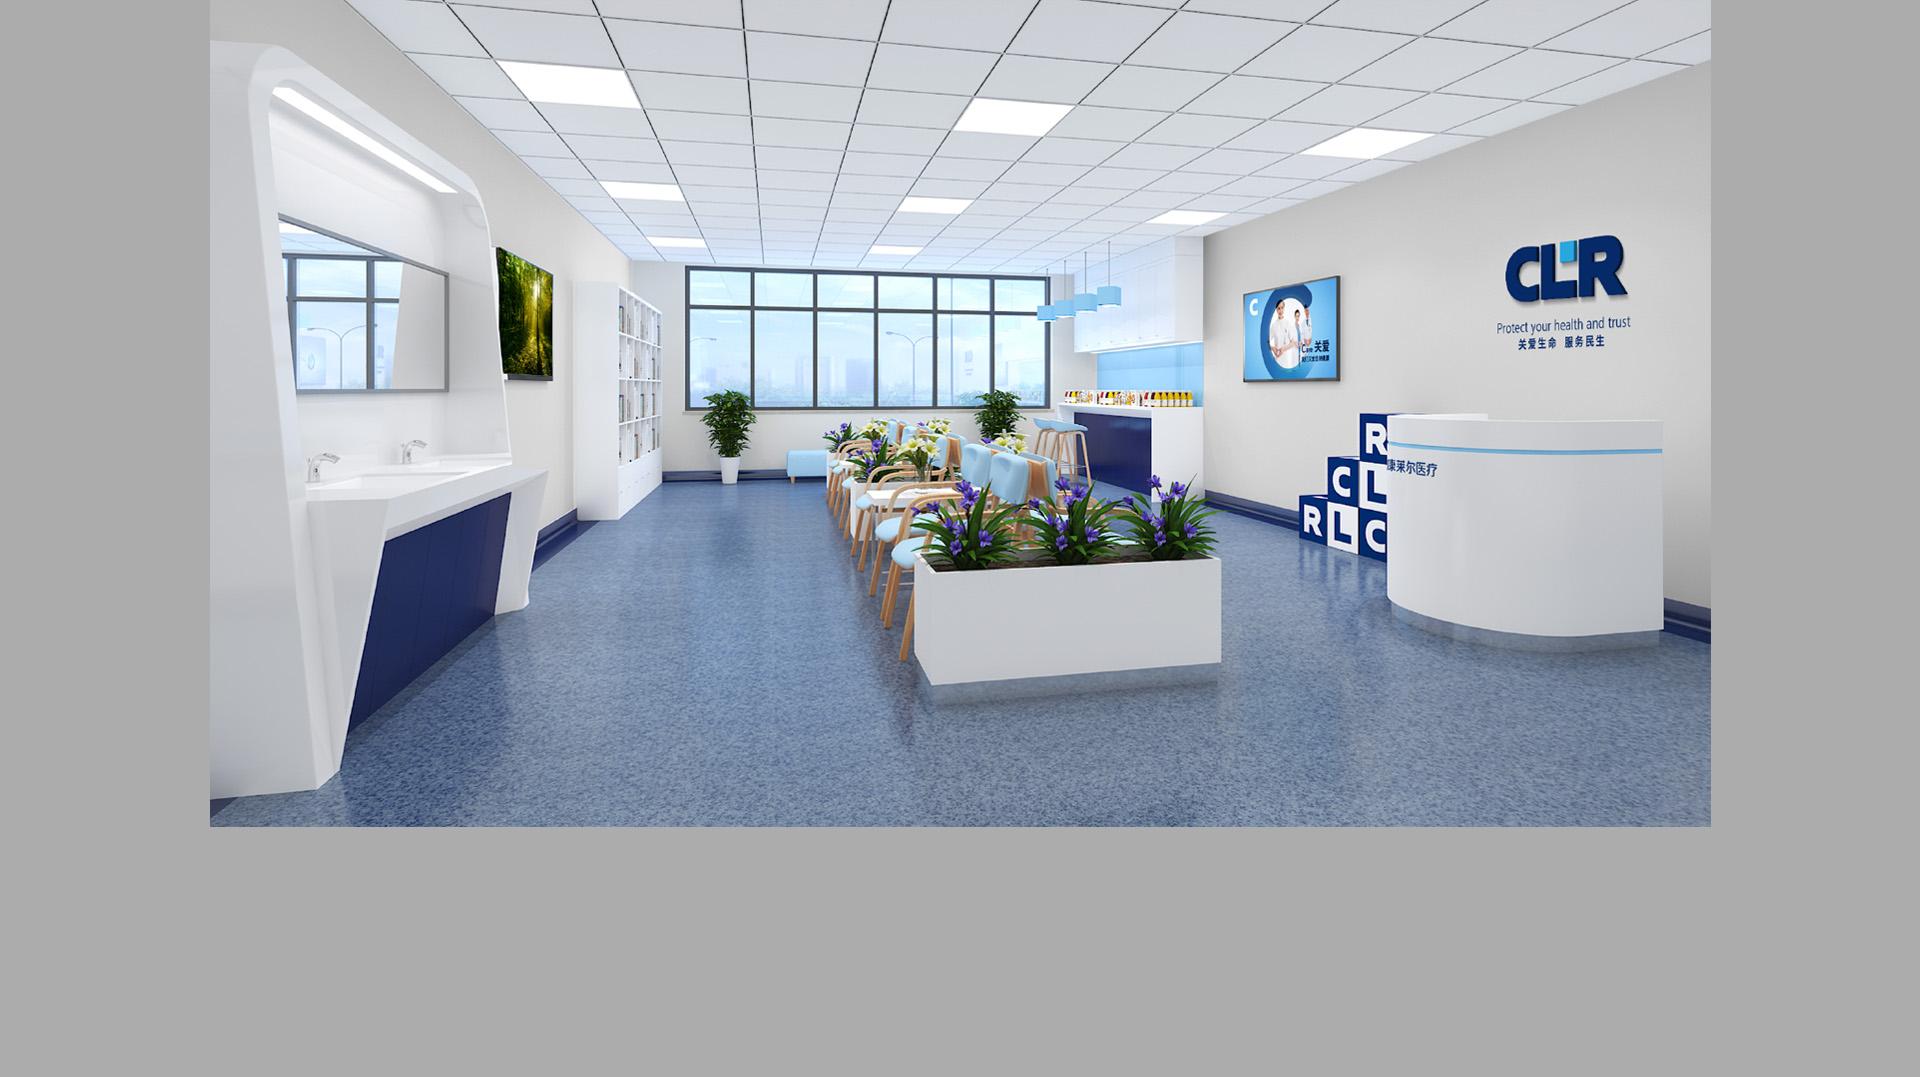 相关案例 项目背景 沈阳市儿童医院始建于1988年,是沈阳市唯一的一所